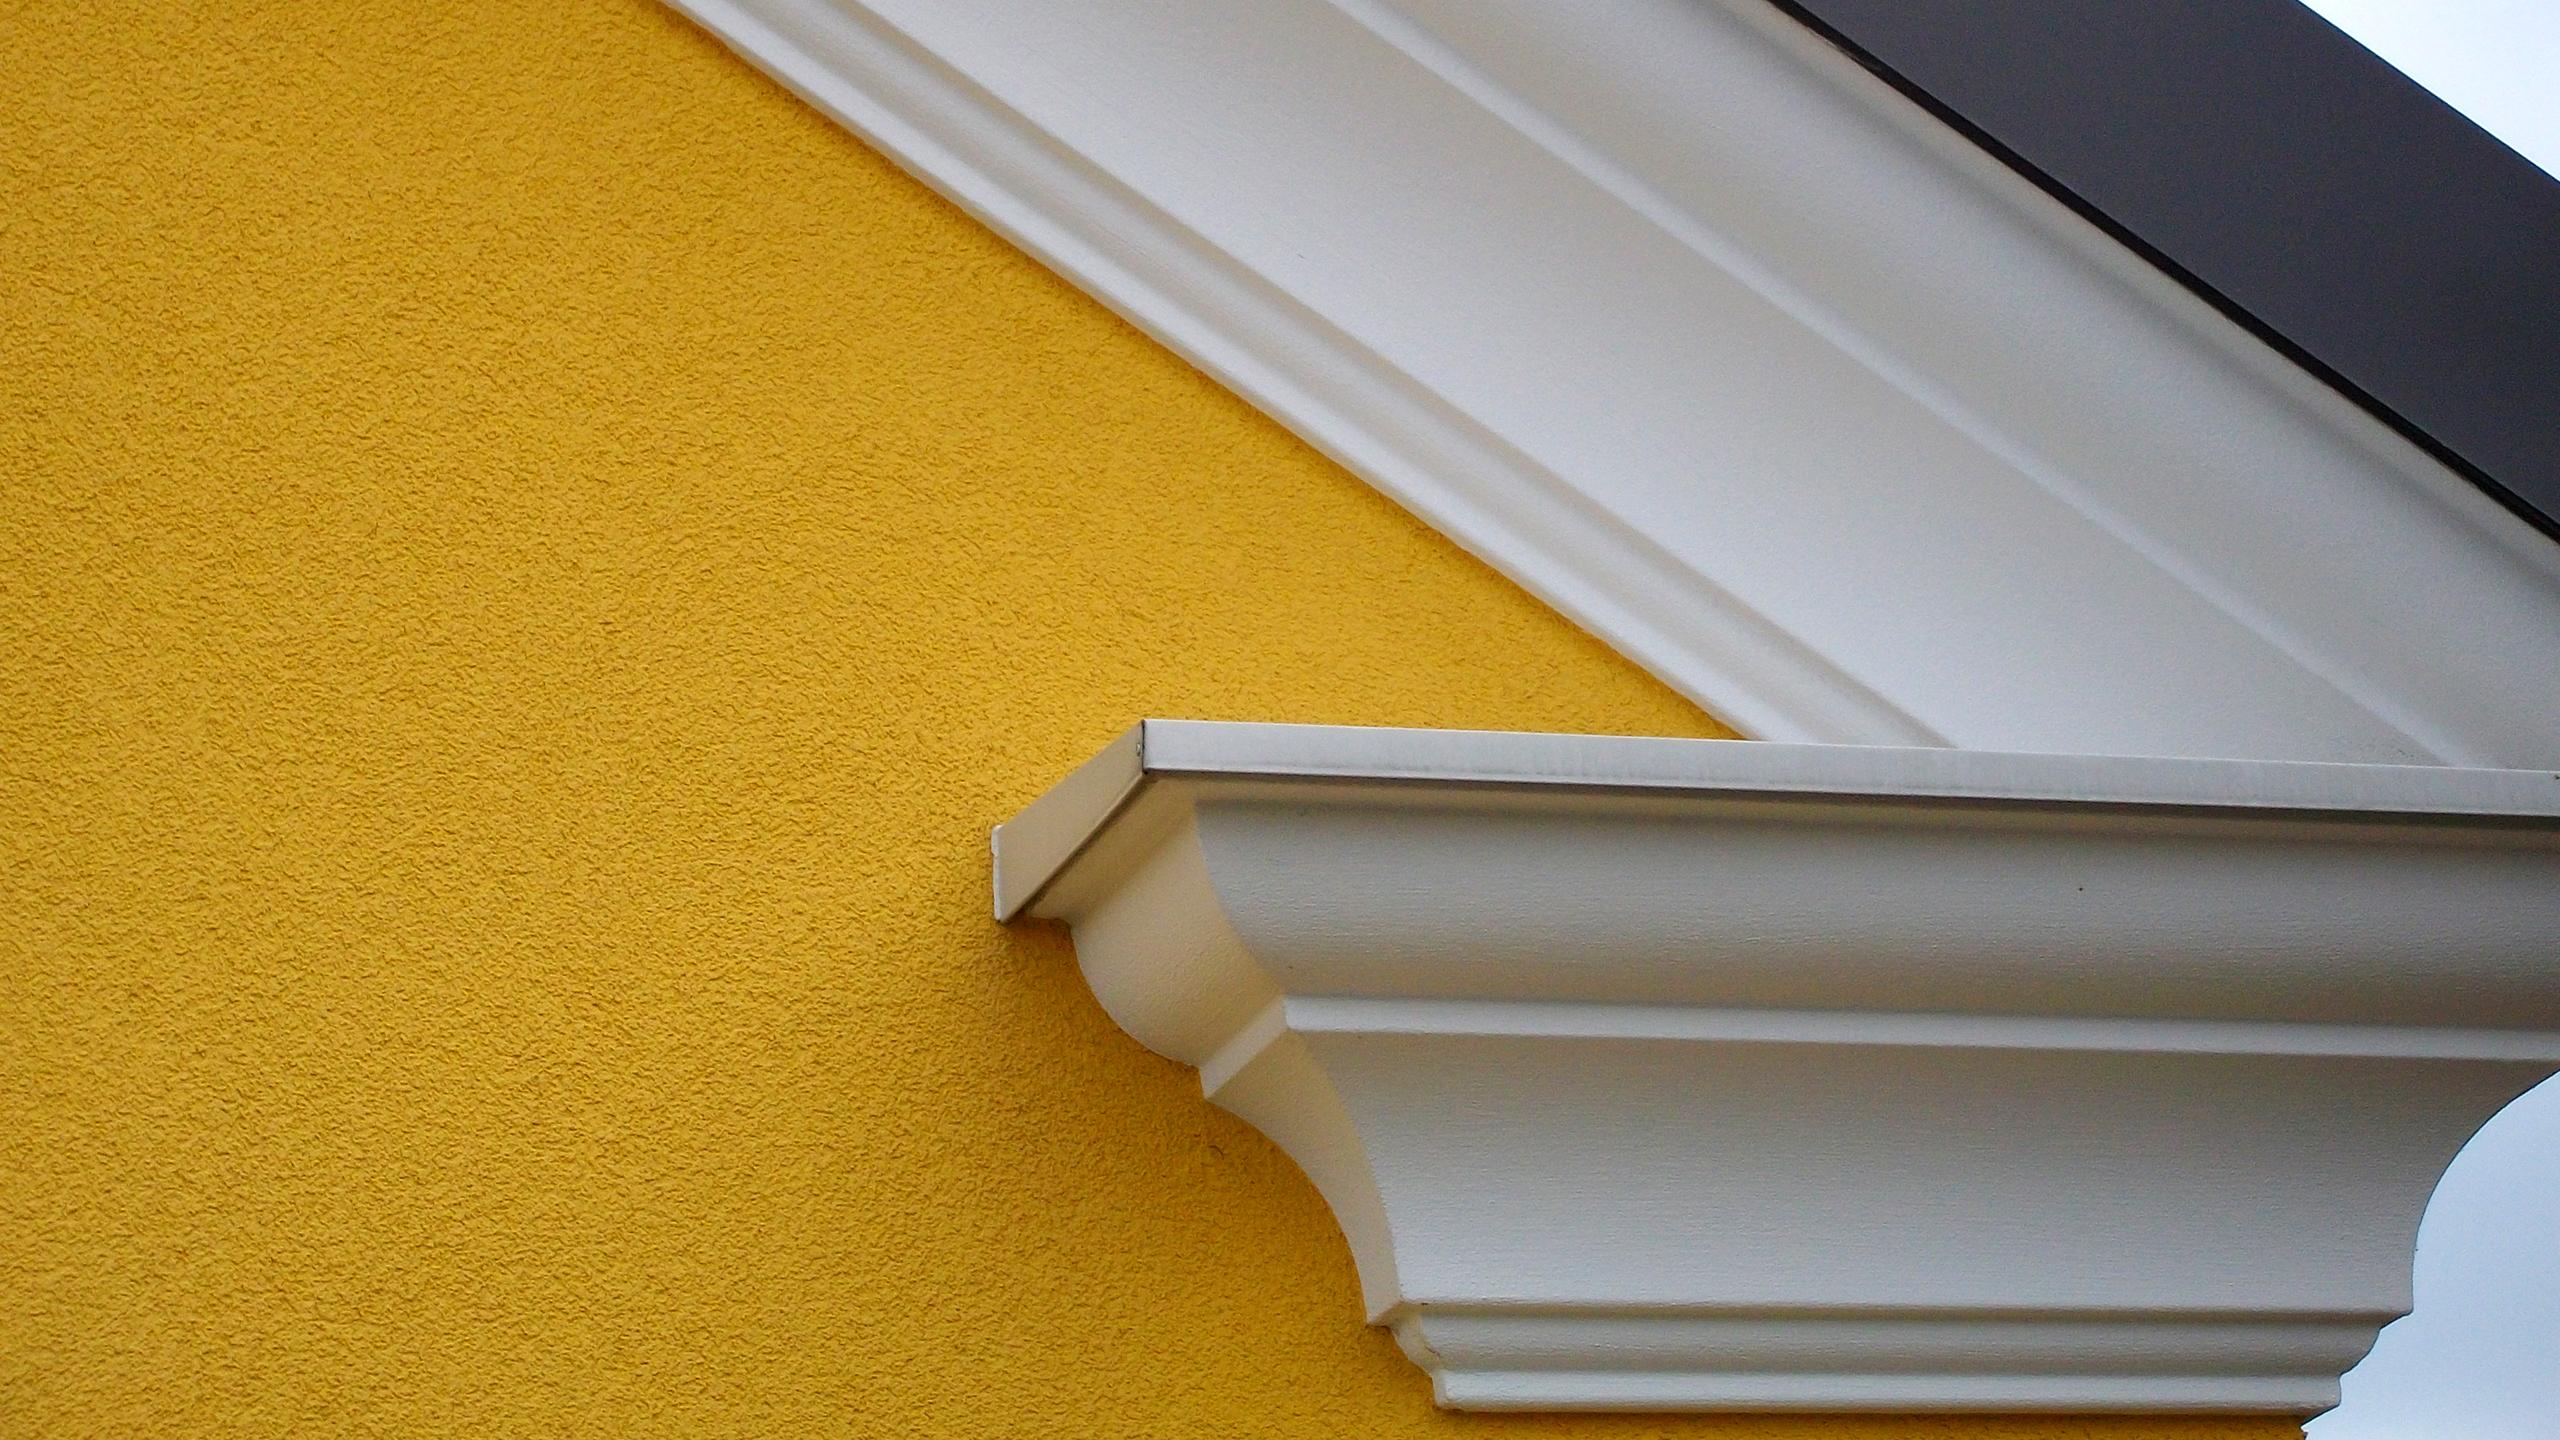 fassadenprofile f r au en bendu stuckleisten lichtvouten und lichtprofile f r indirekte led. Black Bedroom Furniture Sets. Home Design Ideas